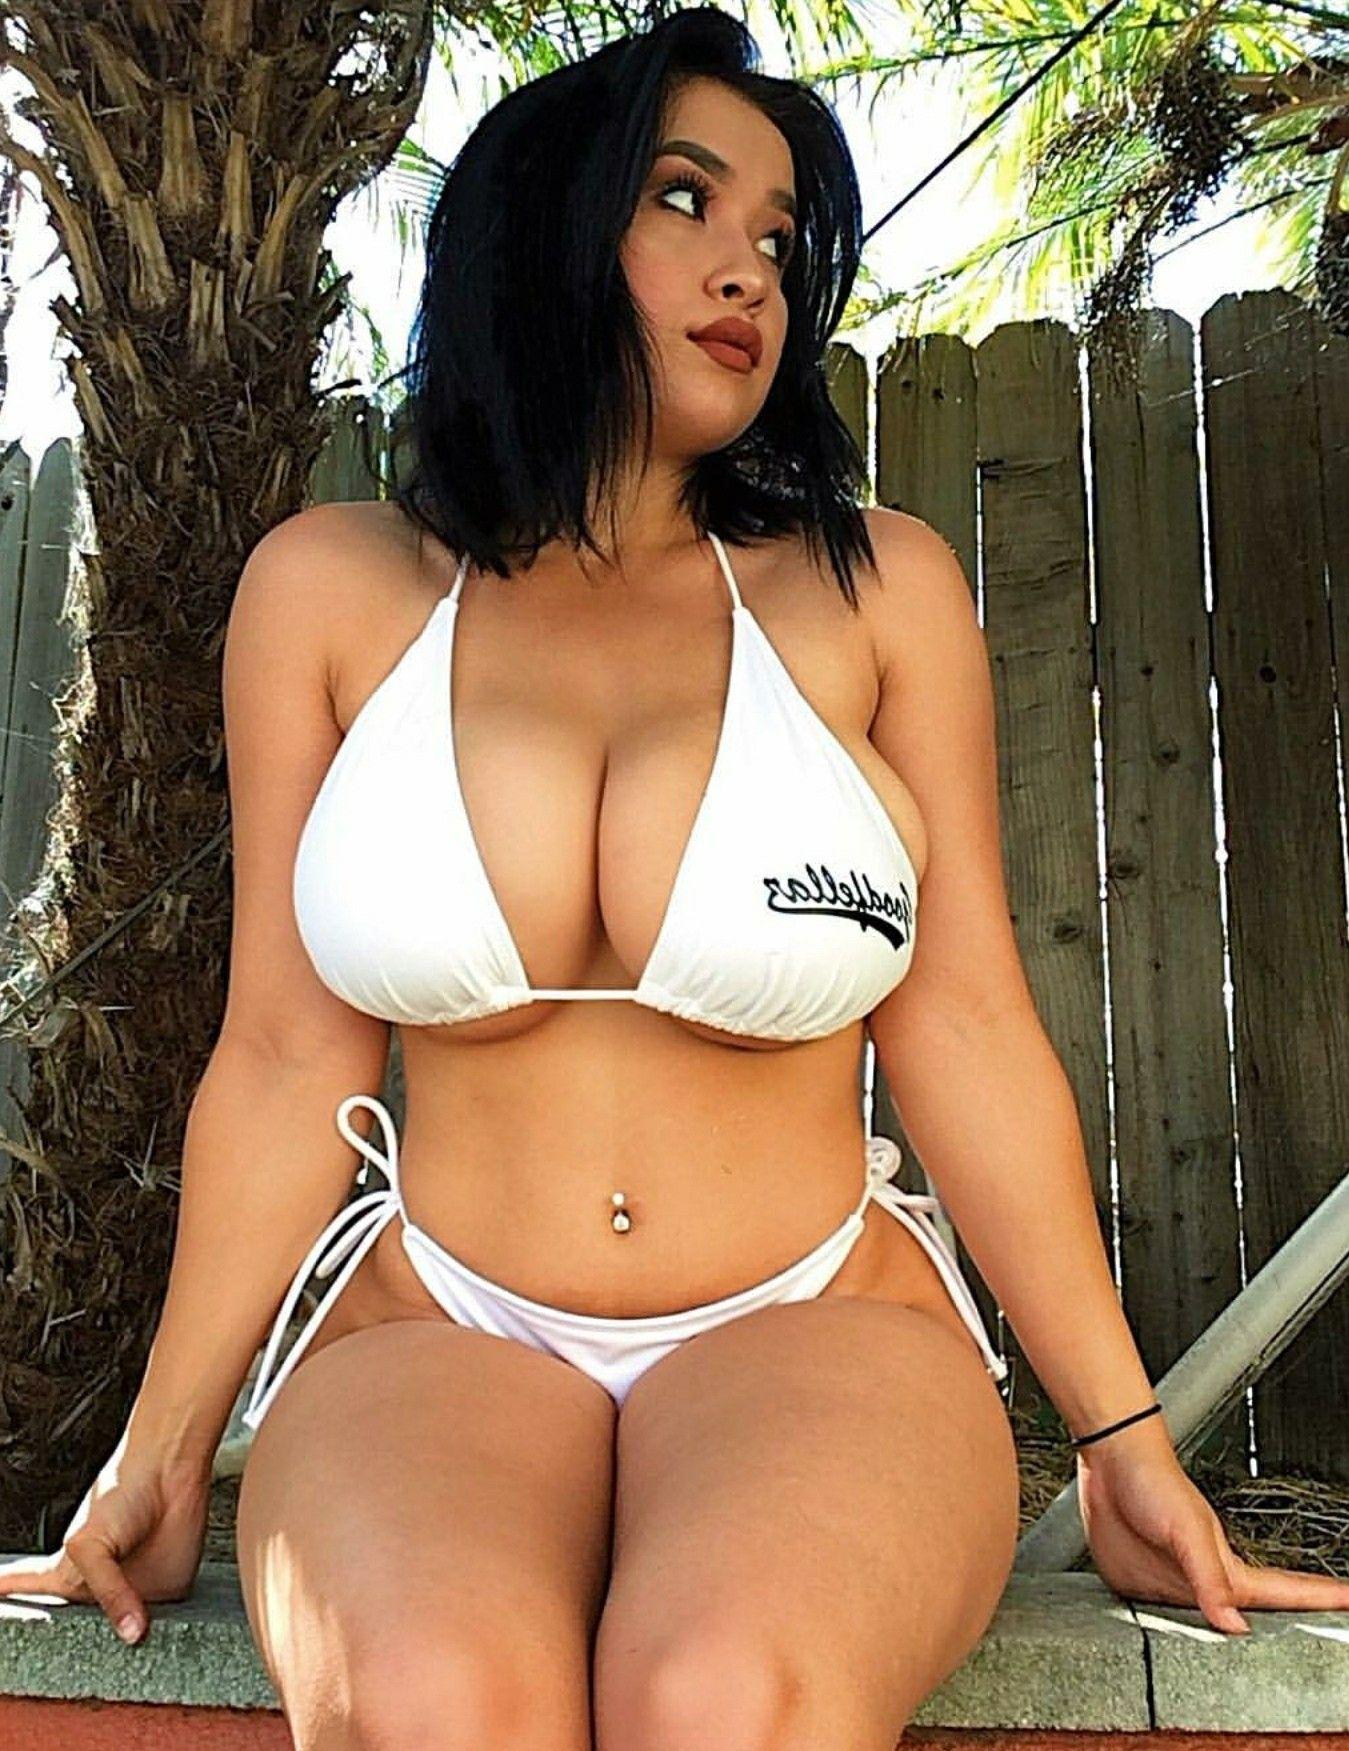 Thick latina bikini pics